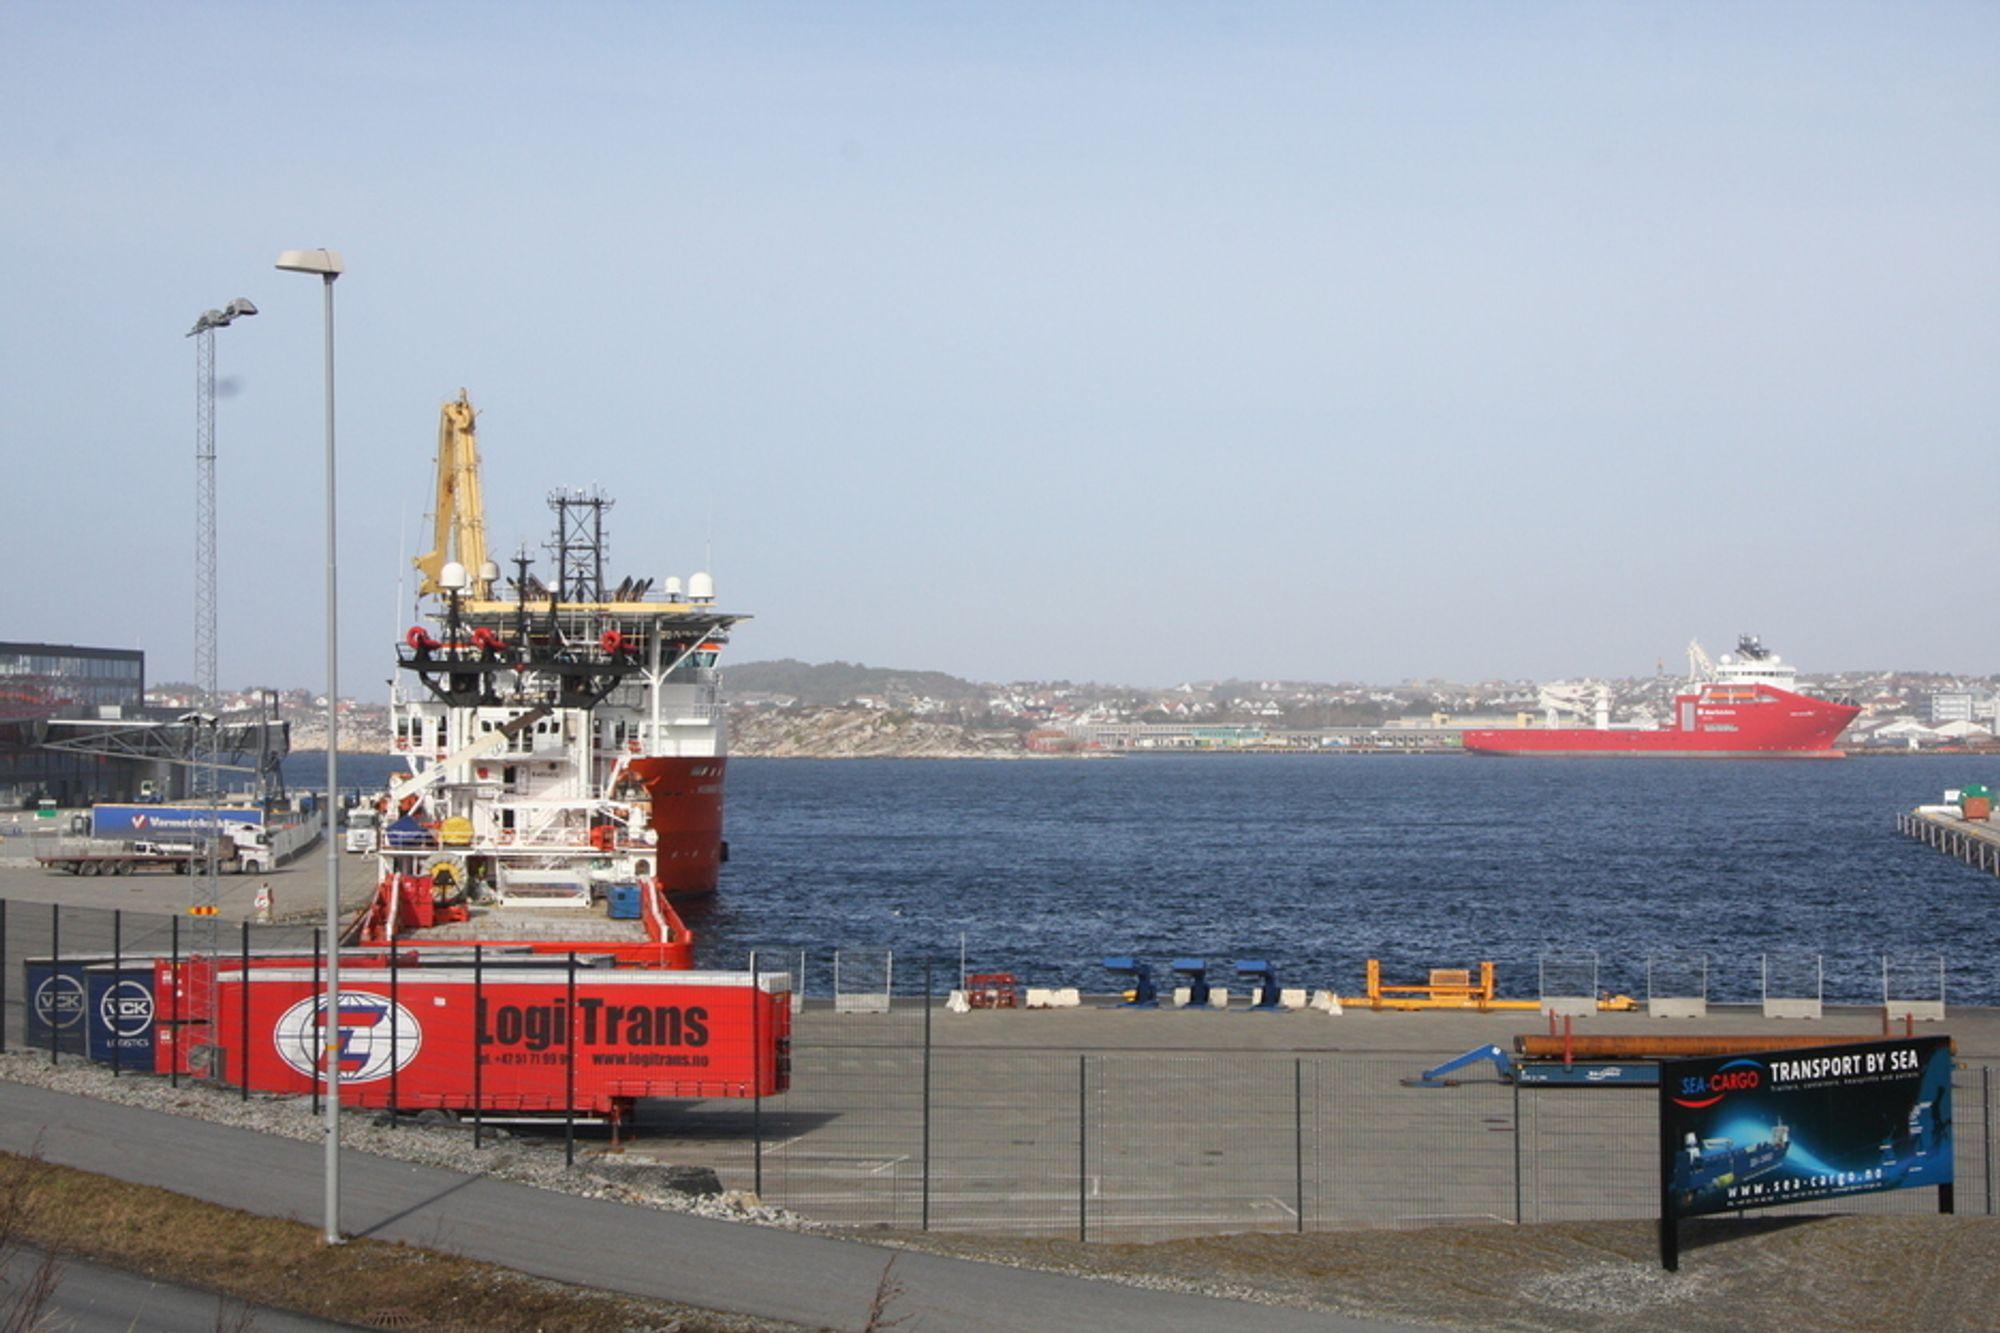 Få norske studenter velger marin byggteknikk som fordypning, noe som bekymrer bransjen. Dersom Norge skal beholde sin ledende posisjon på området er det nødvendig med påfyll av nyutdannede, mener Onno Musch.